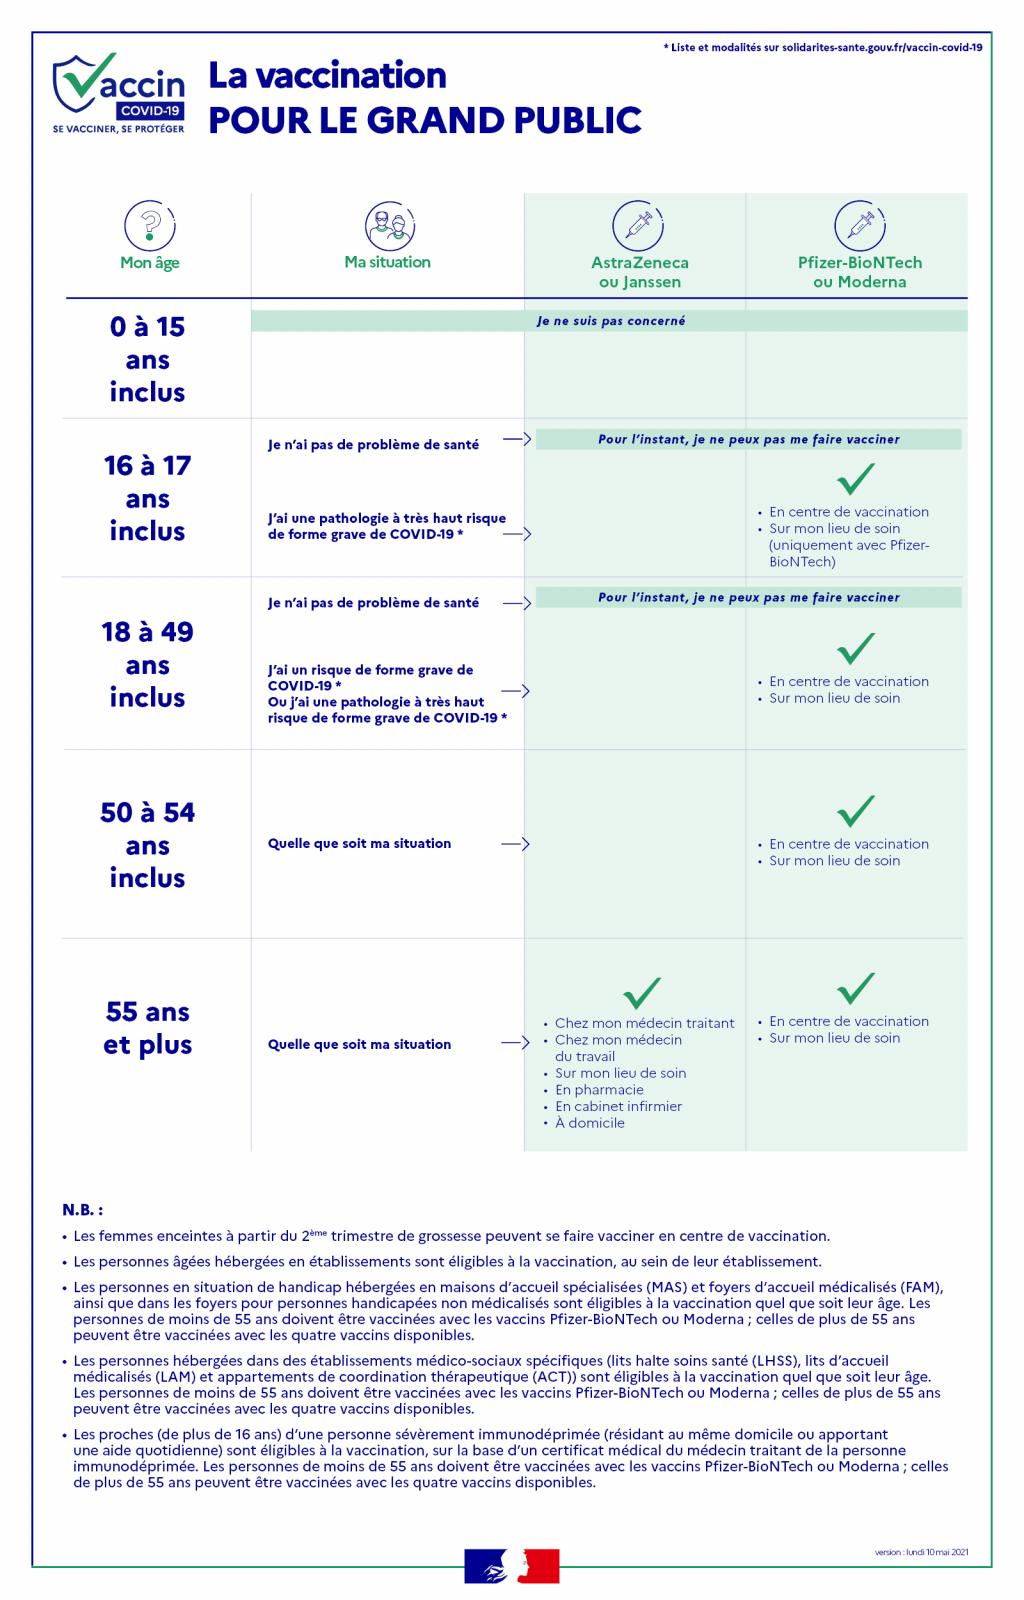 infog_vaccins_particuliers.jpg